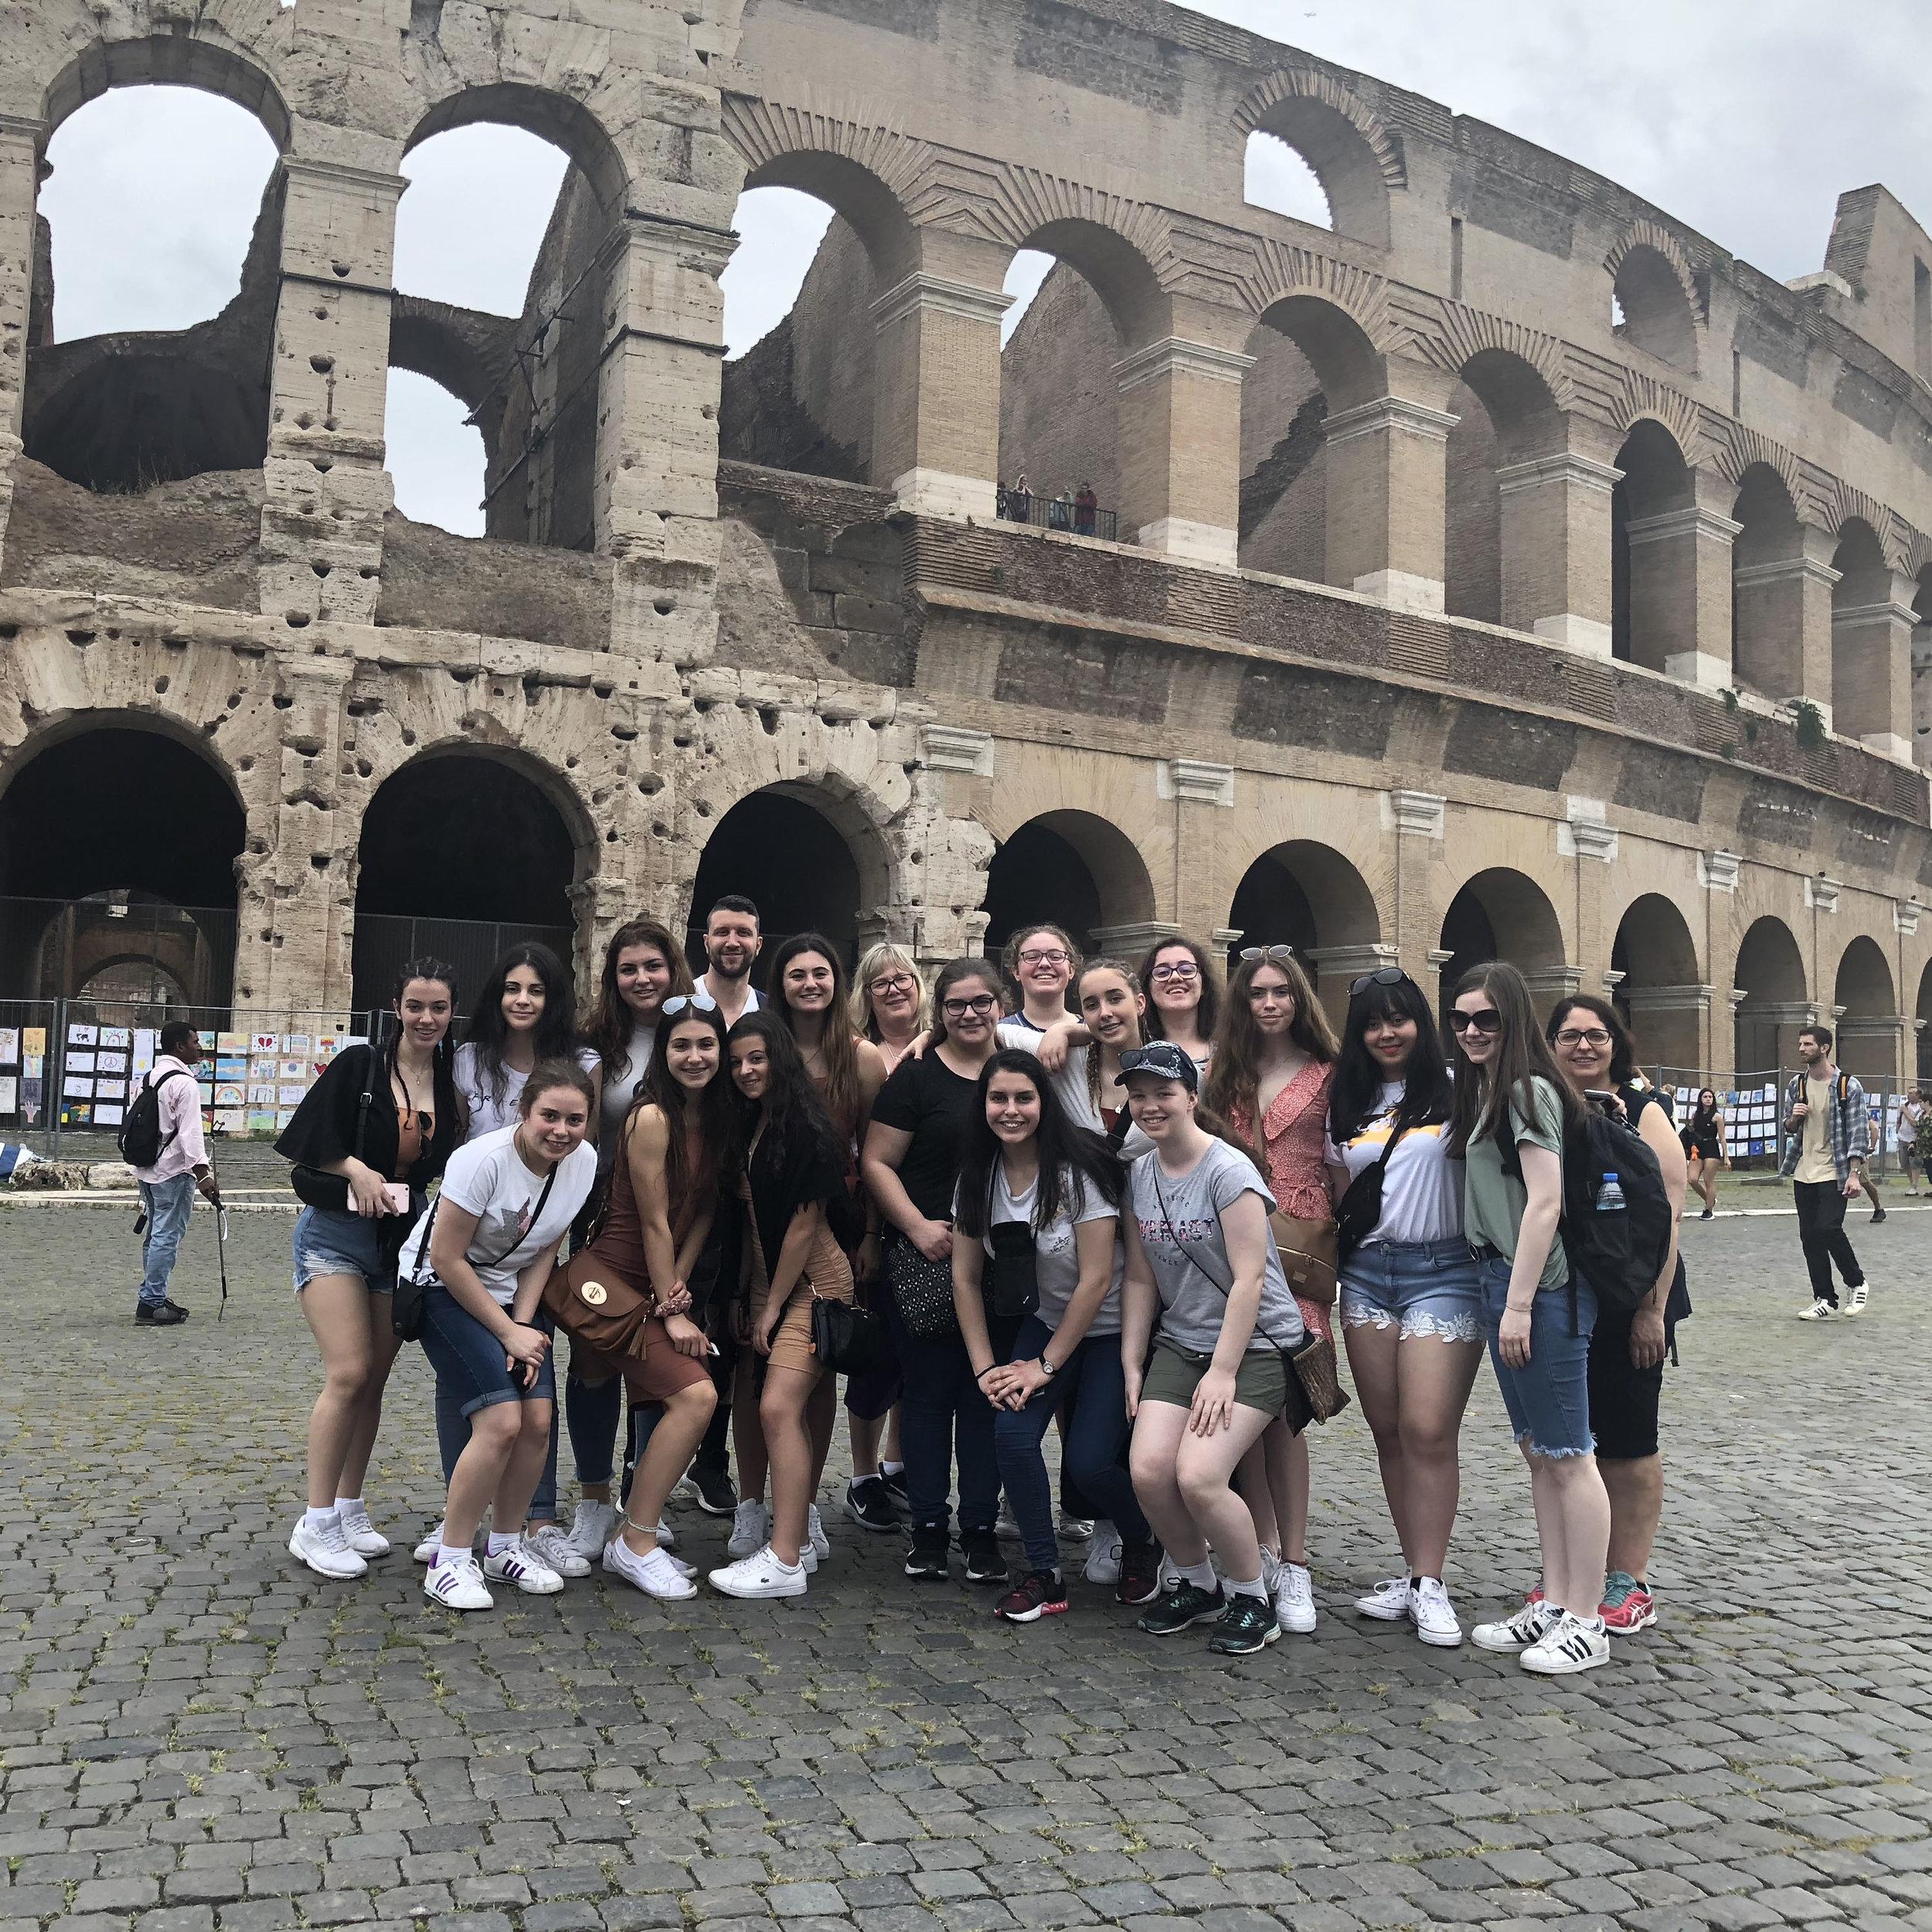 3000_Italian_Square_2_2019.jpg